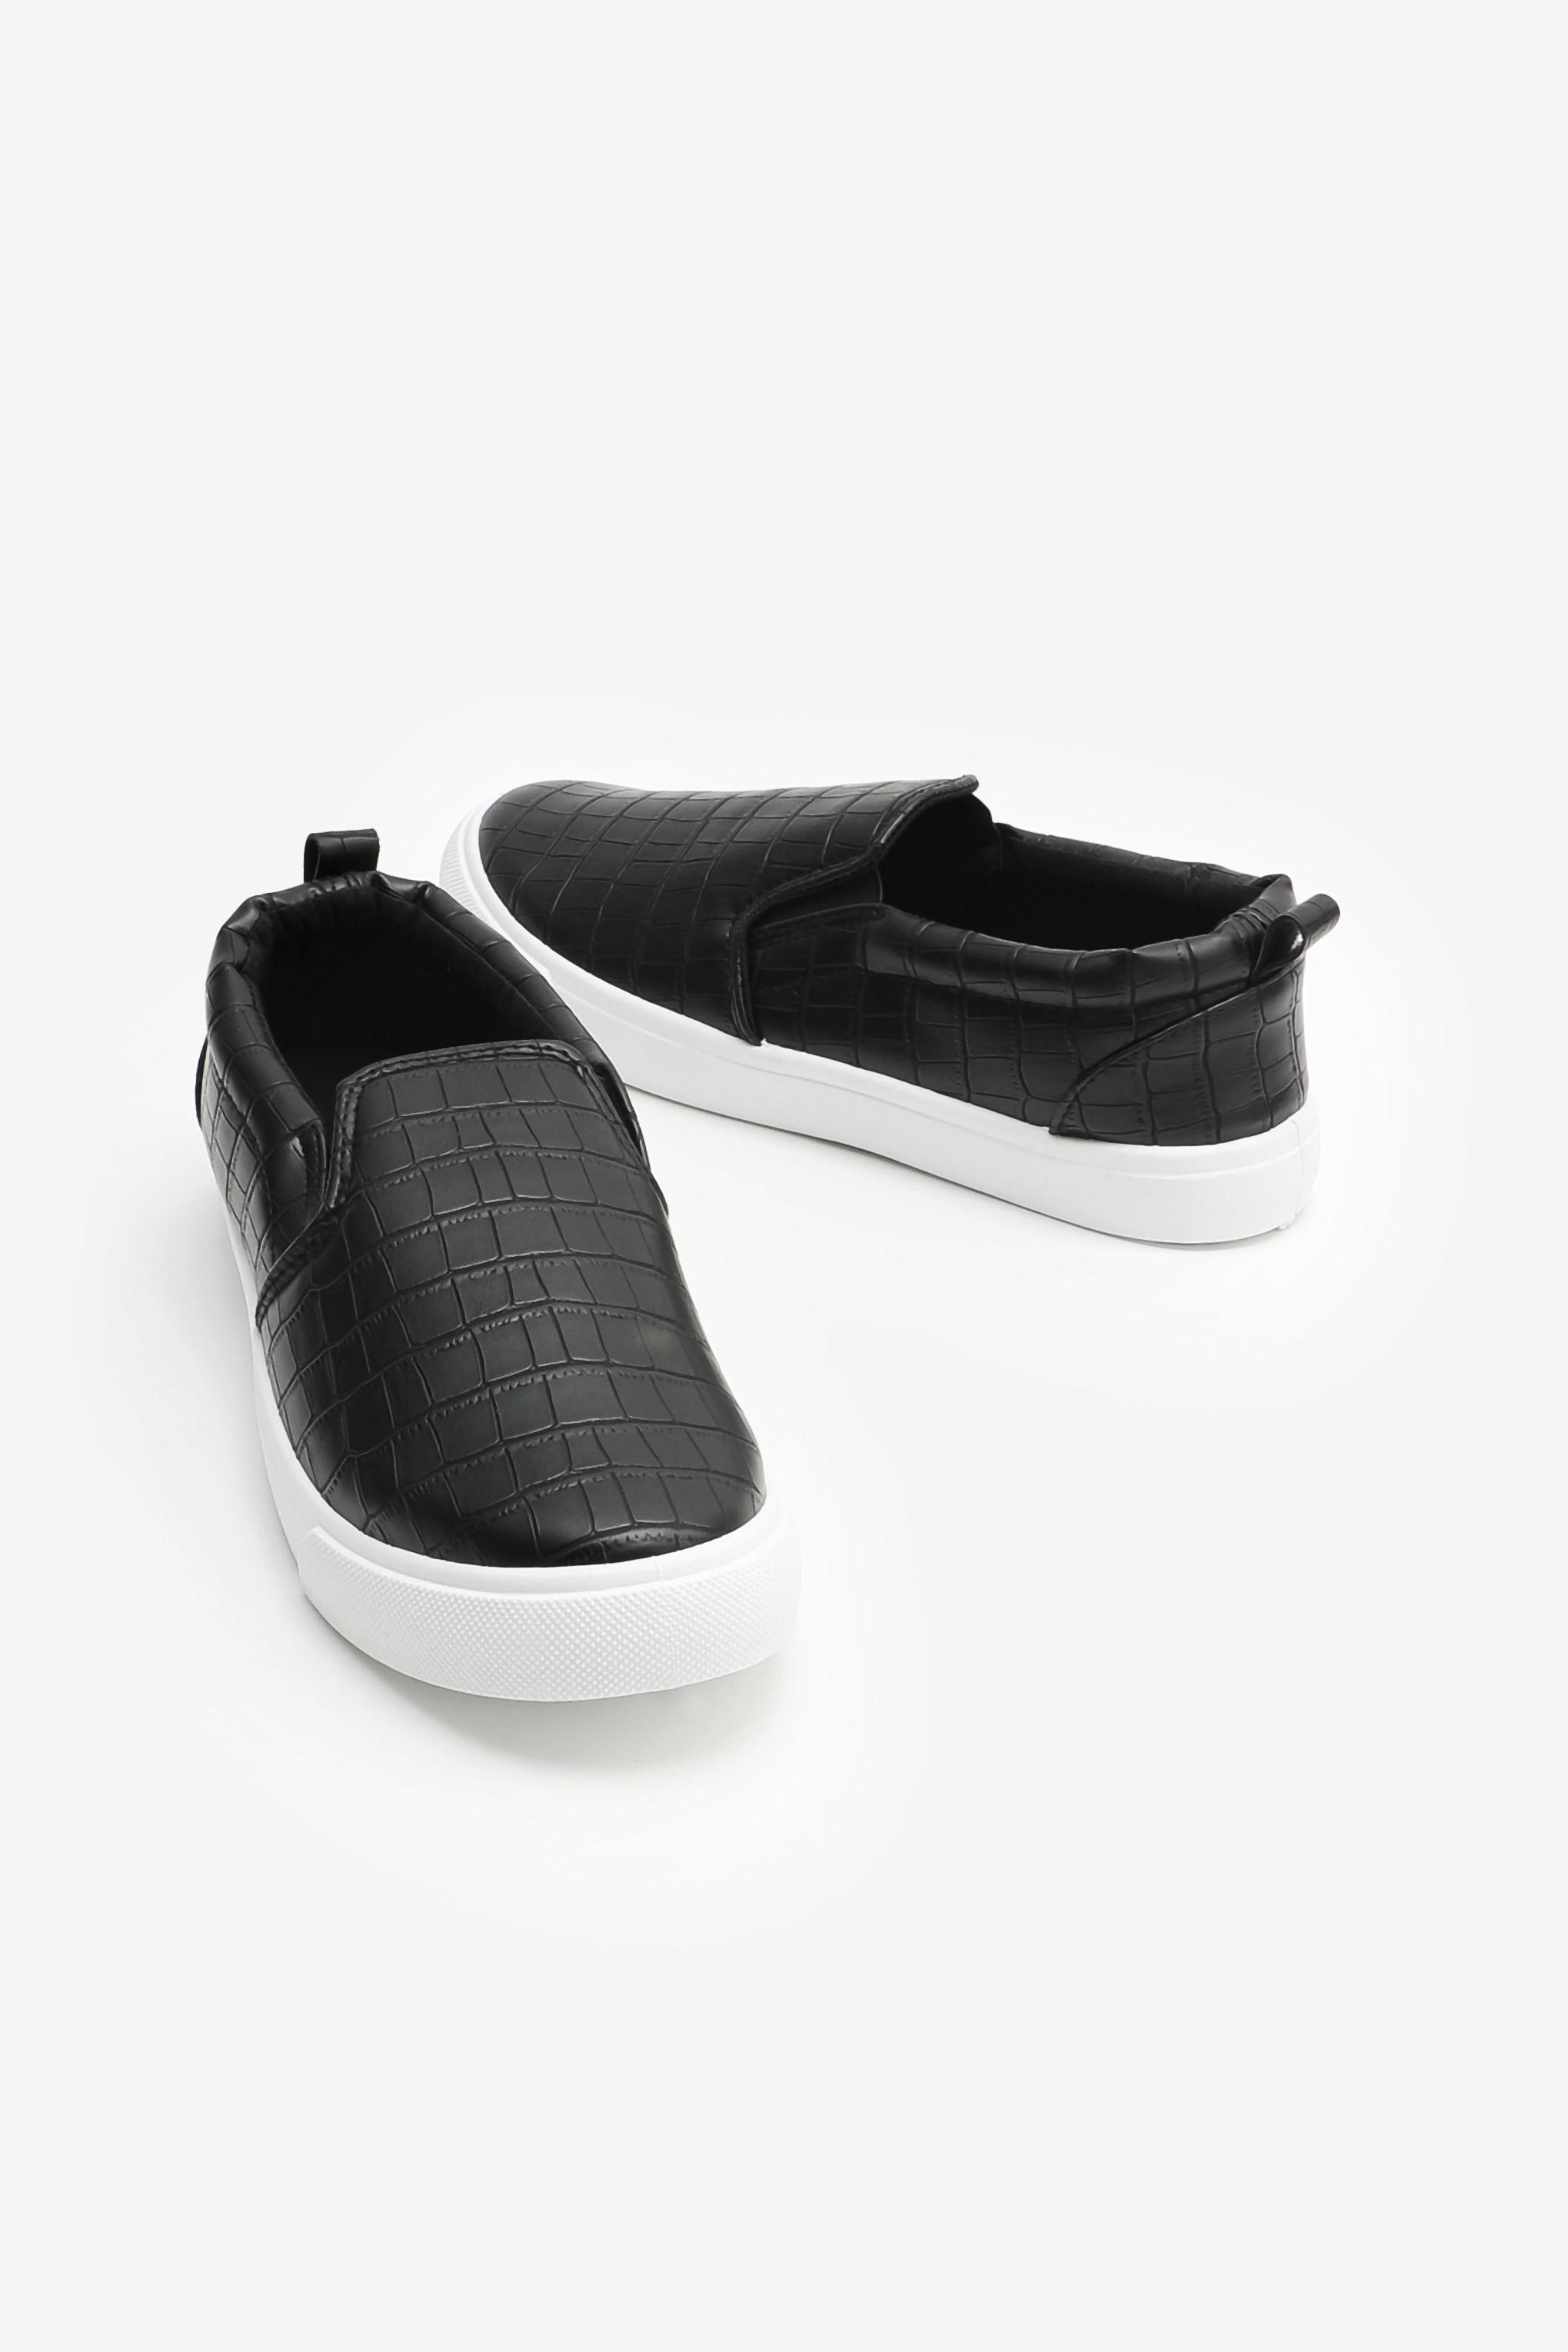 Crocodile Slip-On Sneakers